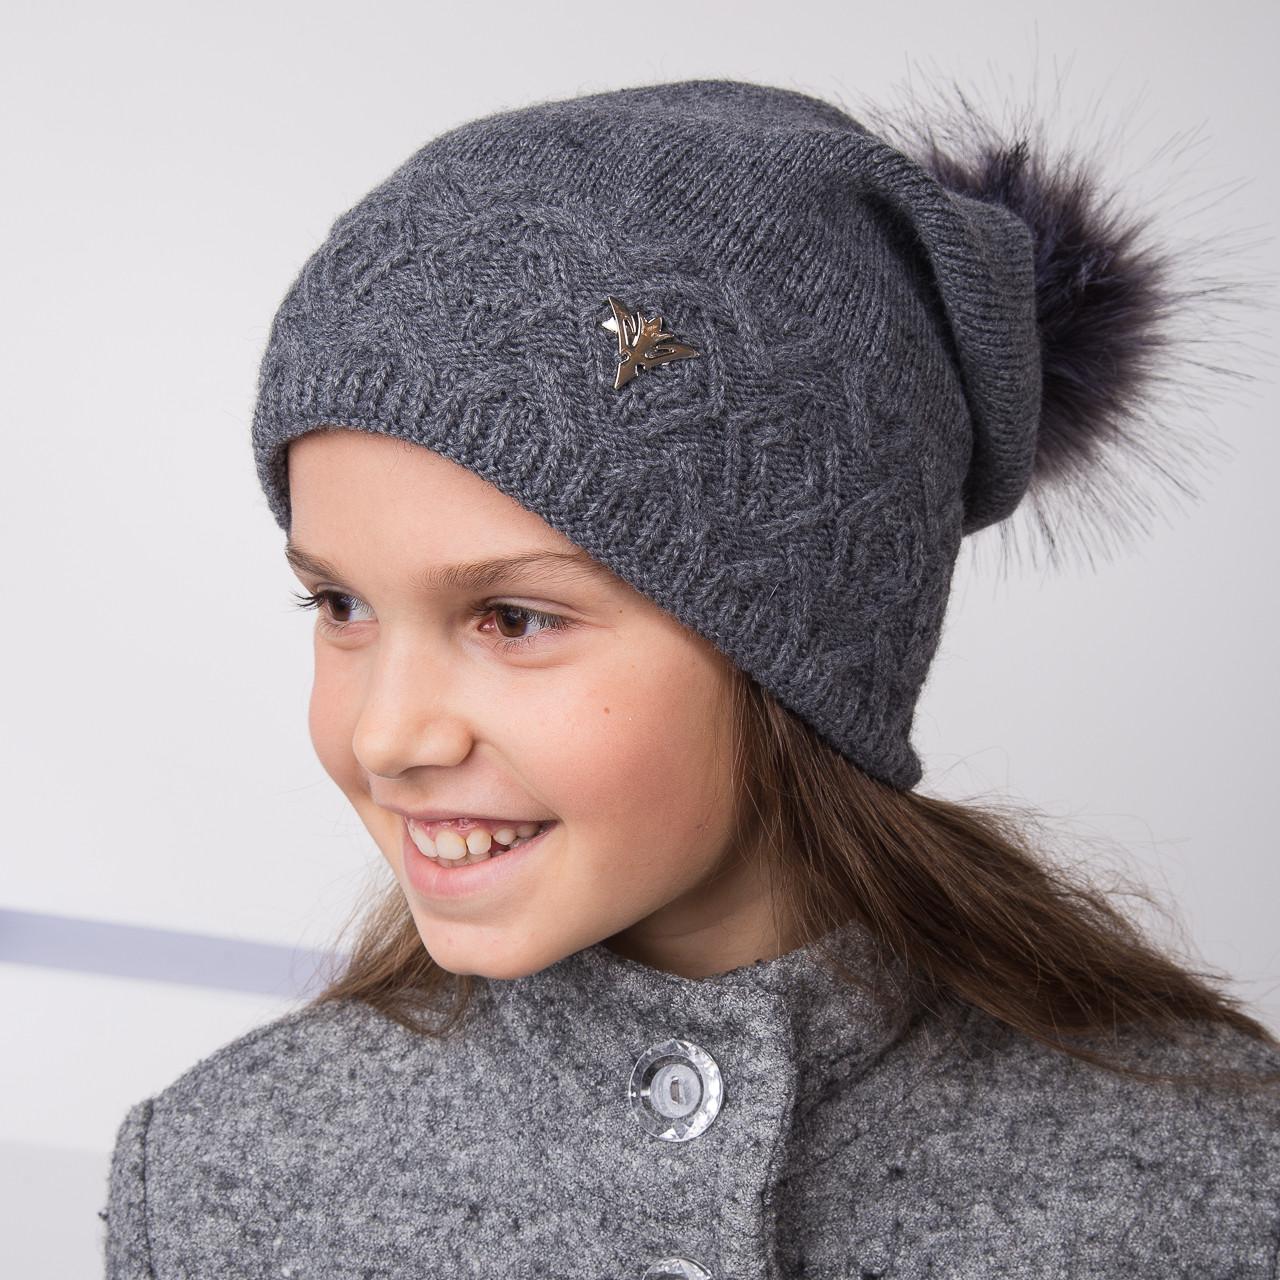 Вязанная шапка с меховым помпоном для девочек - Артикул 2140